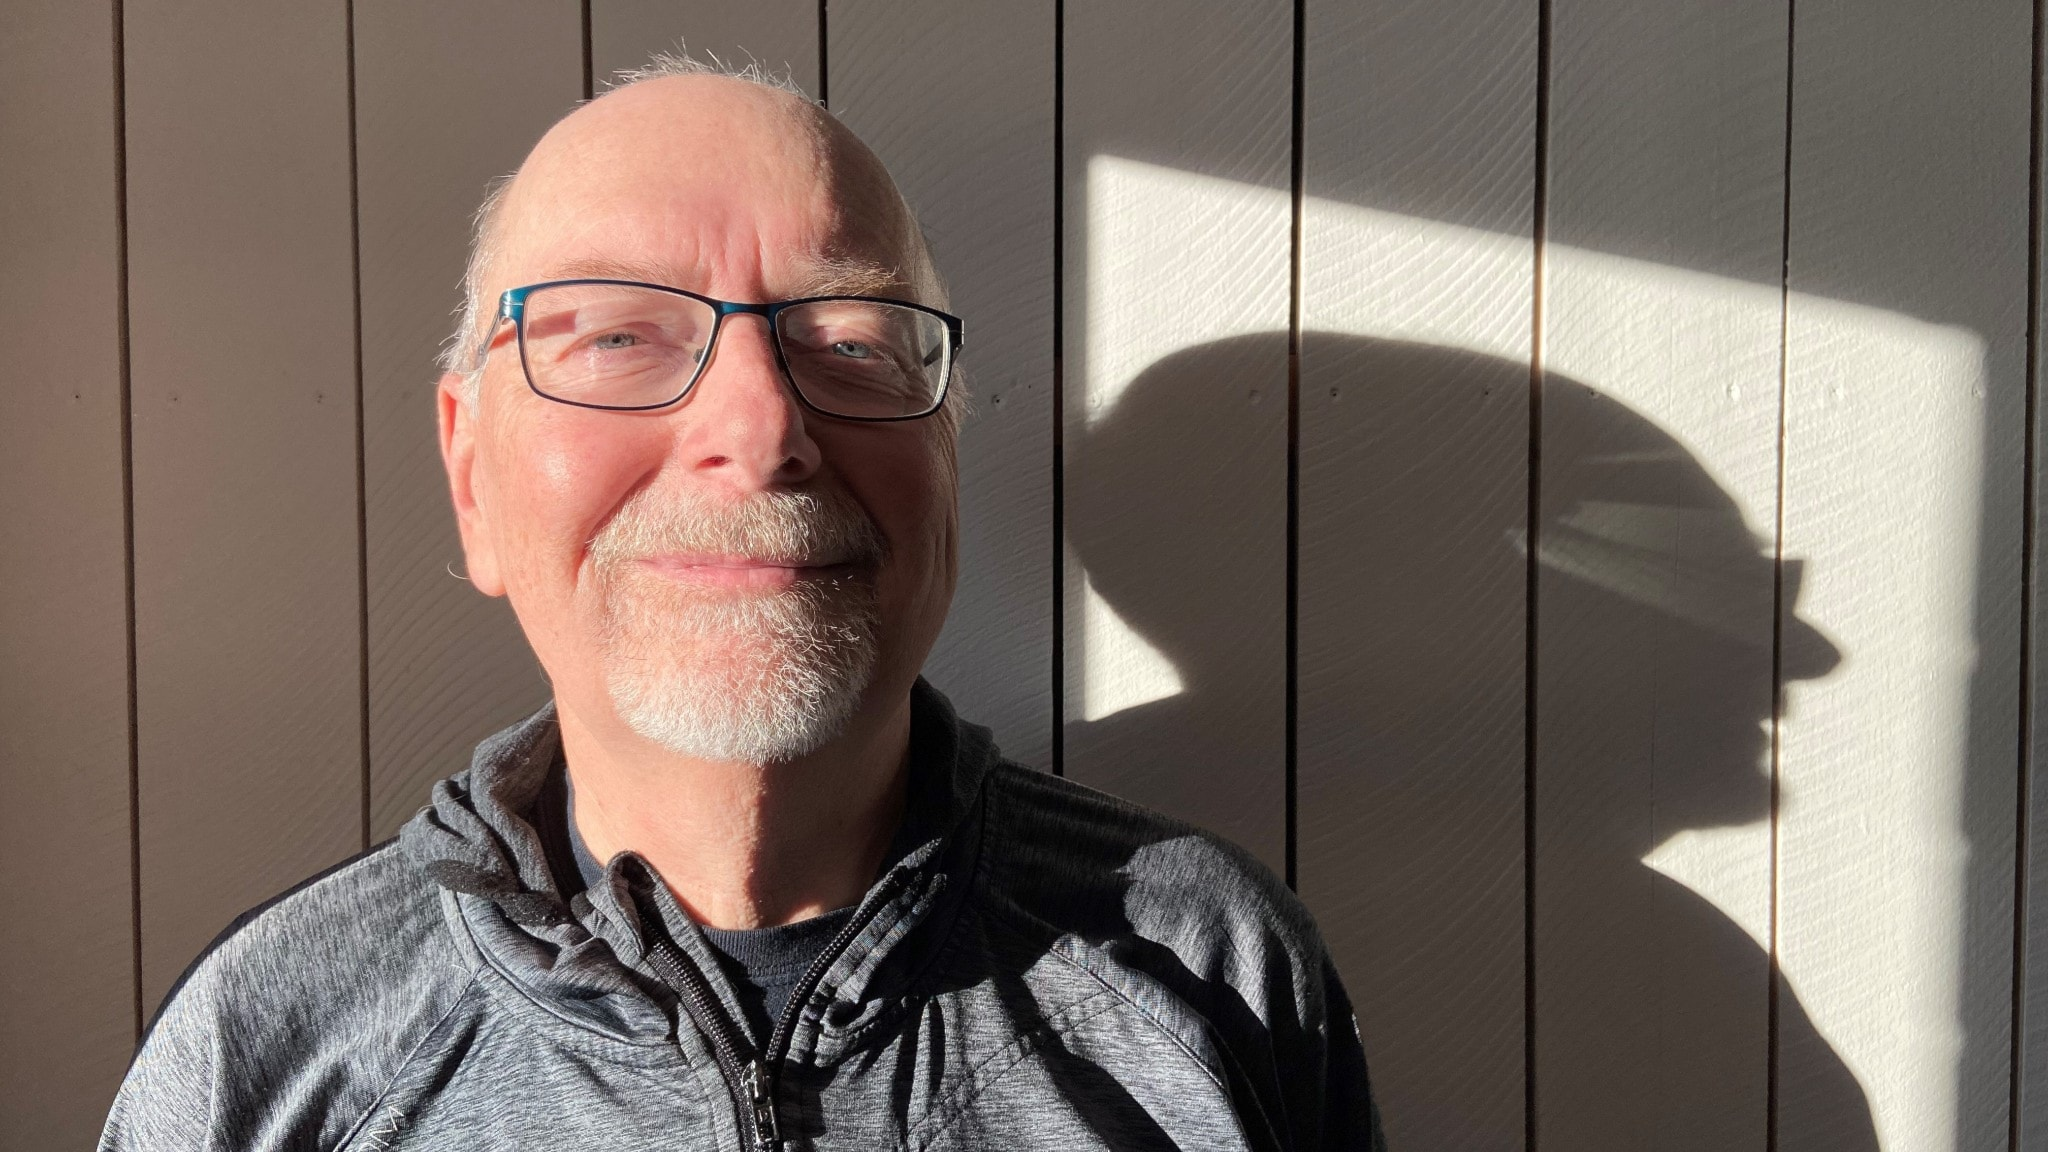 Sven Teglund ler mot kameran. Han har glasögon och en grå luvtröja. Han är placerad mot en vit vägg och på den faller en skugga av hans siluett.